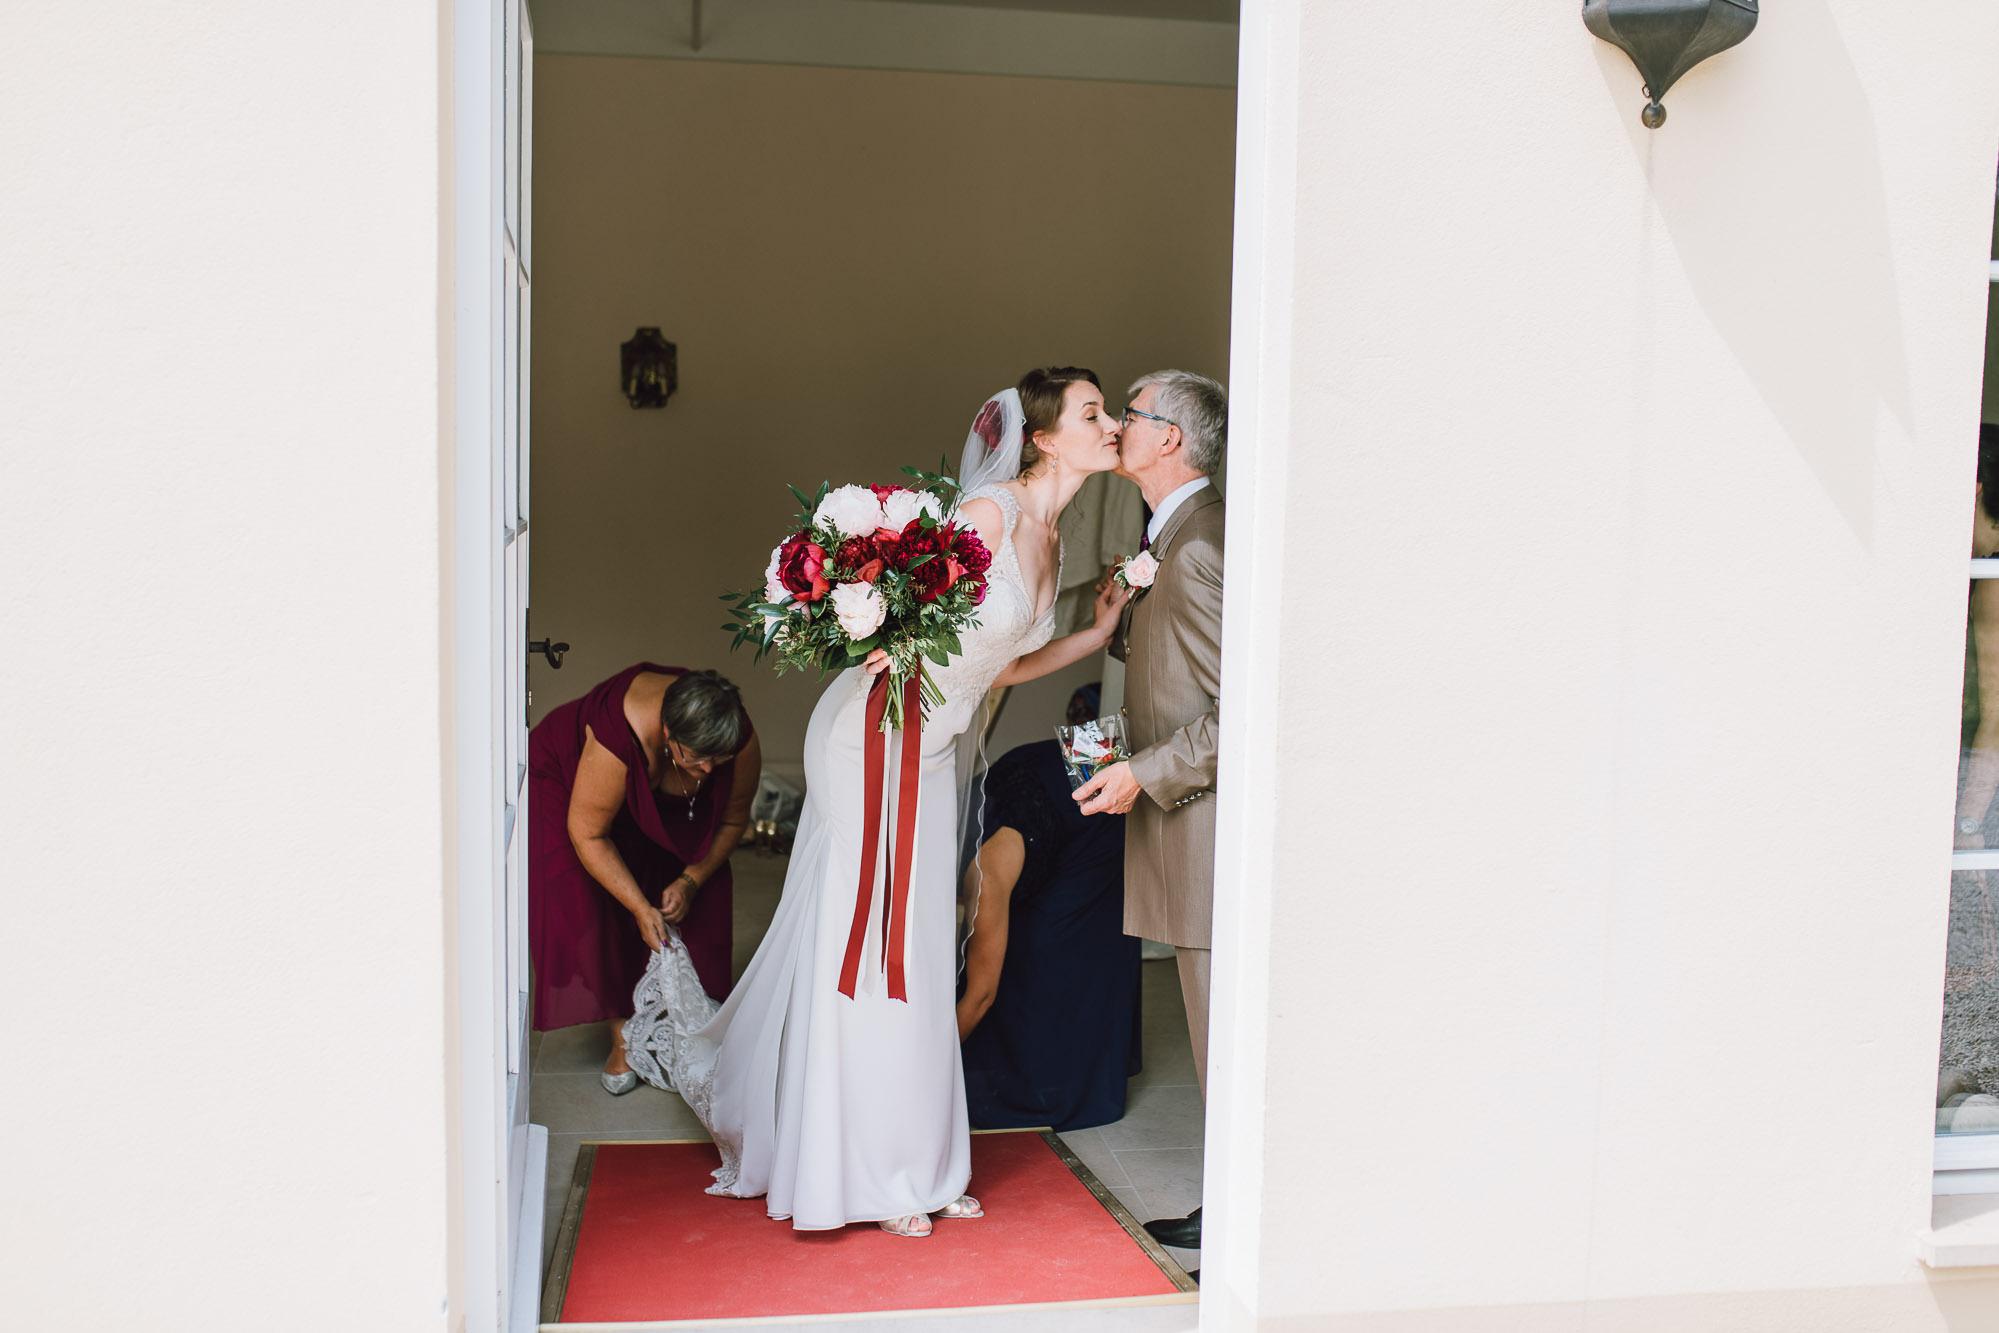 rustic-elegant-wedding-schloss-hochzeit-eyrichshof-franken-bamberg-033